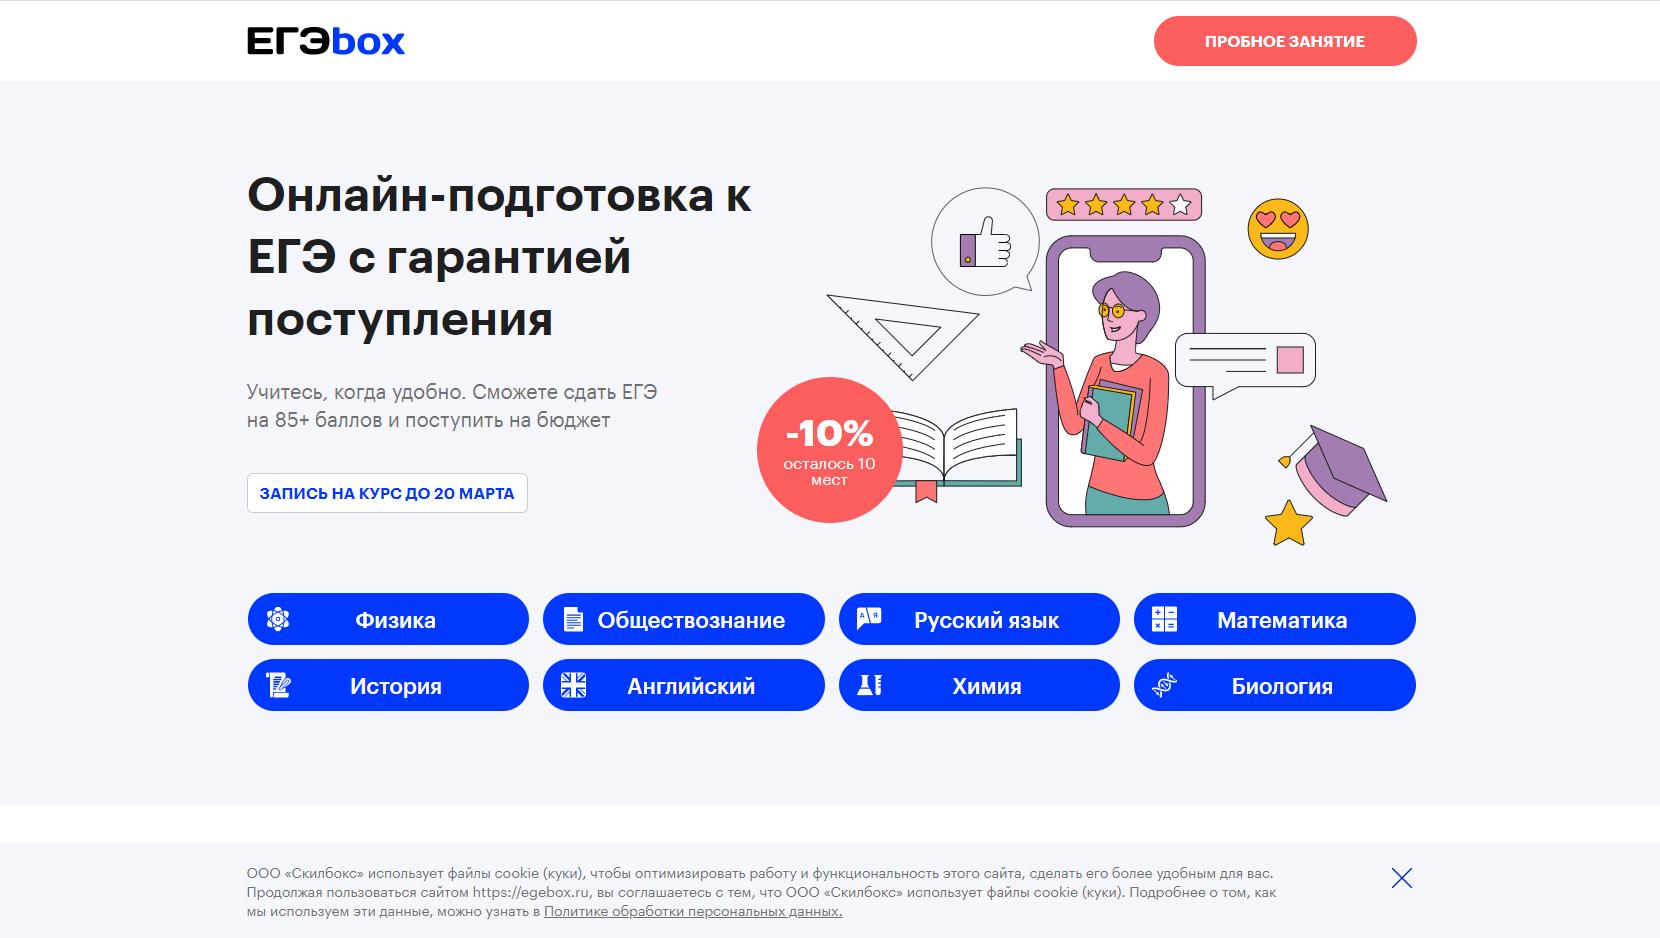 egebox.ru website